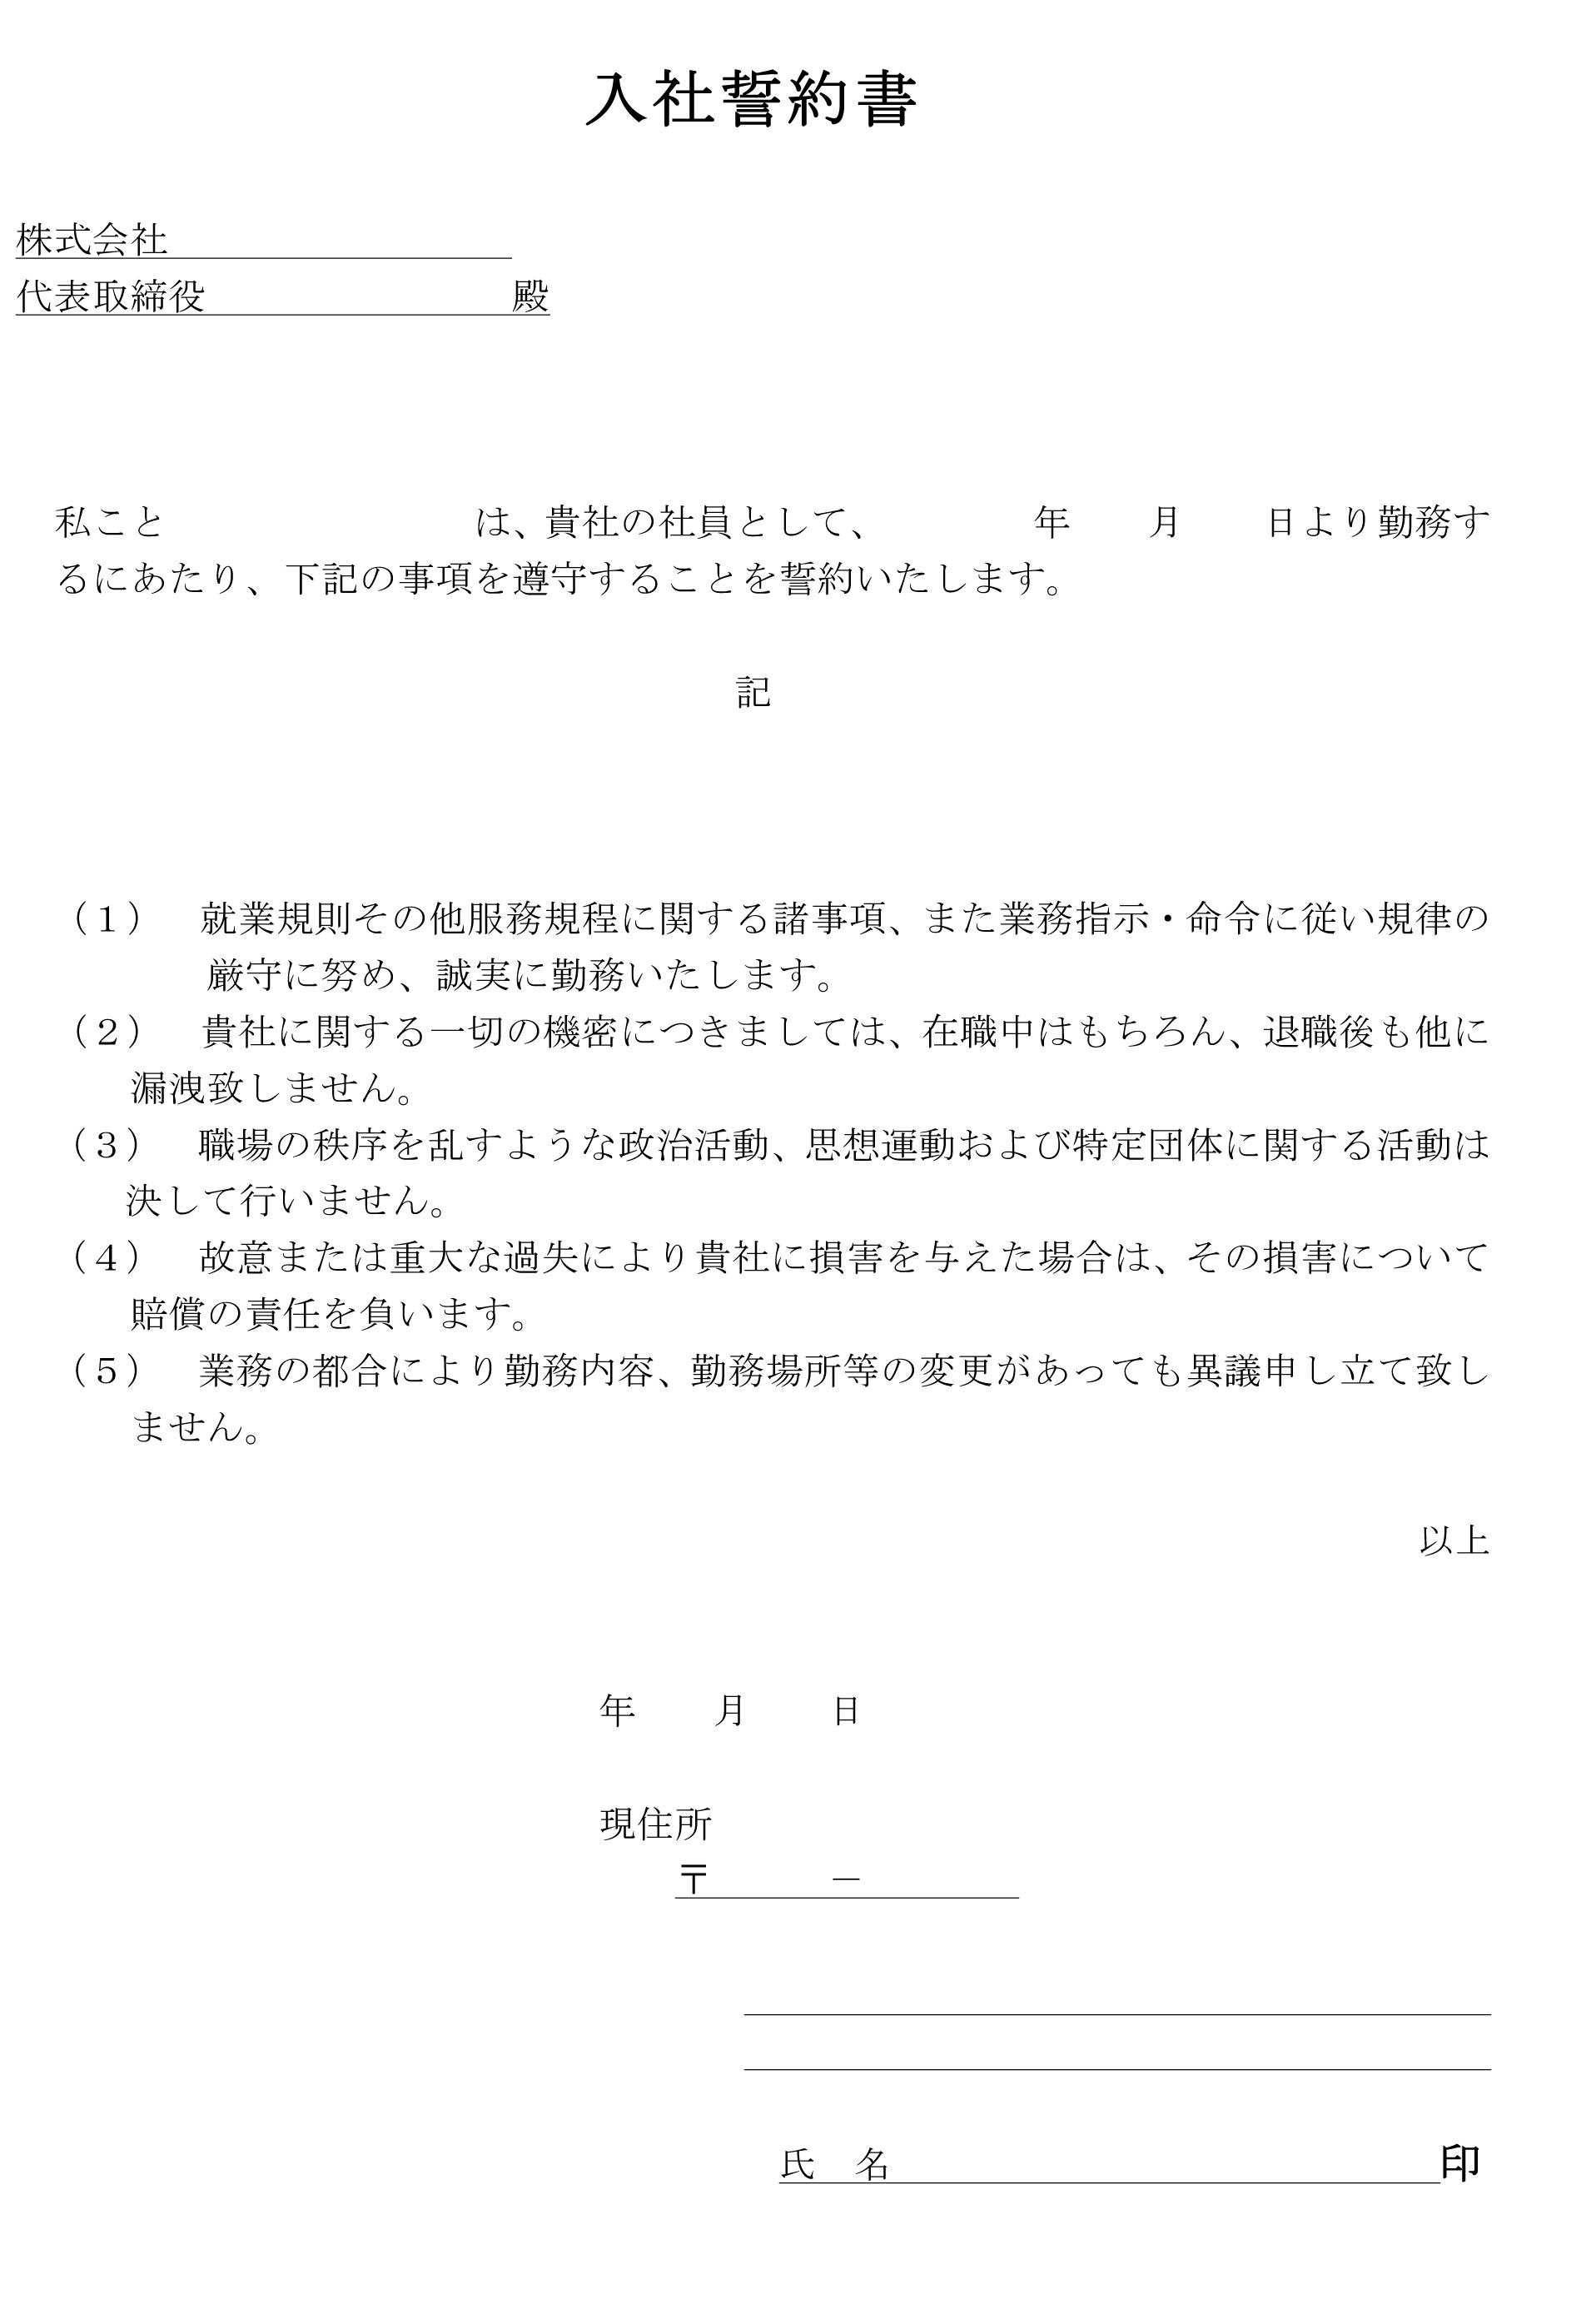 入社誓約書01